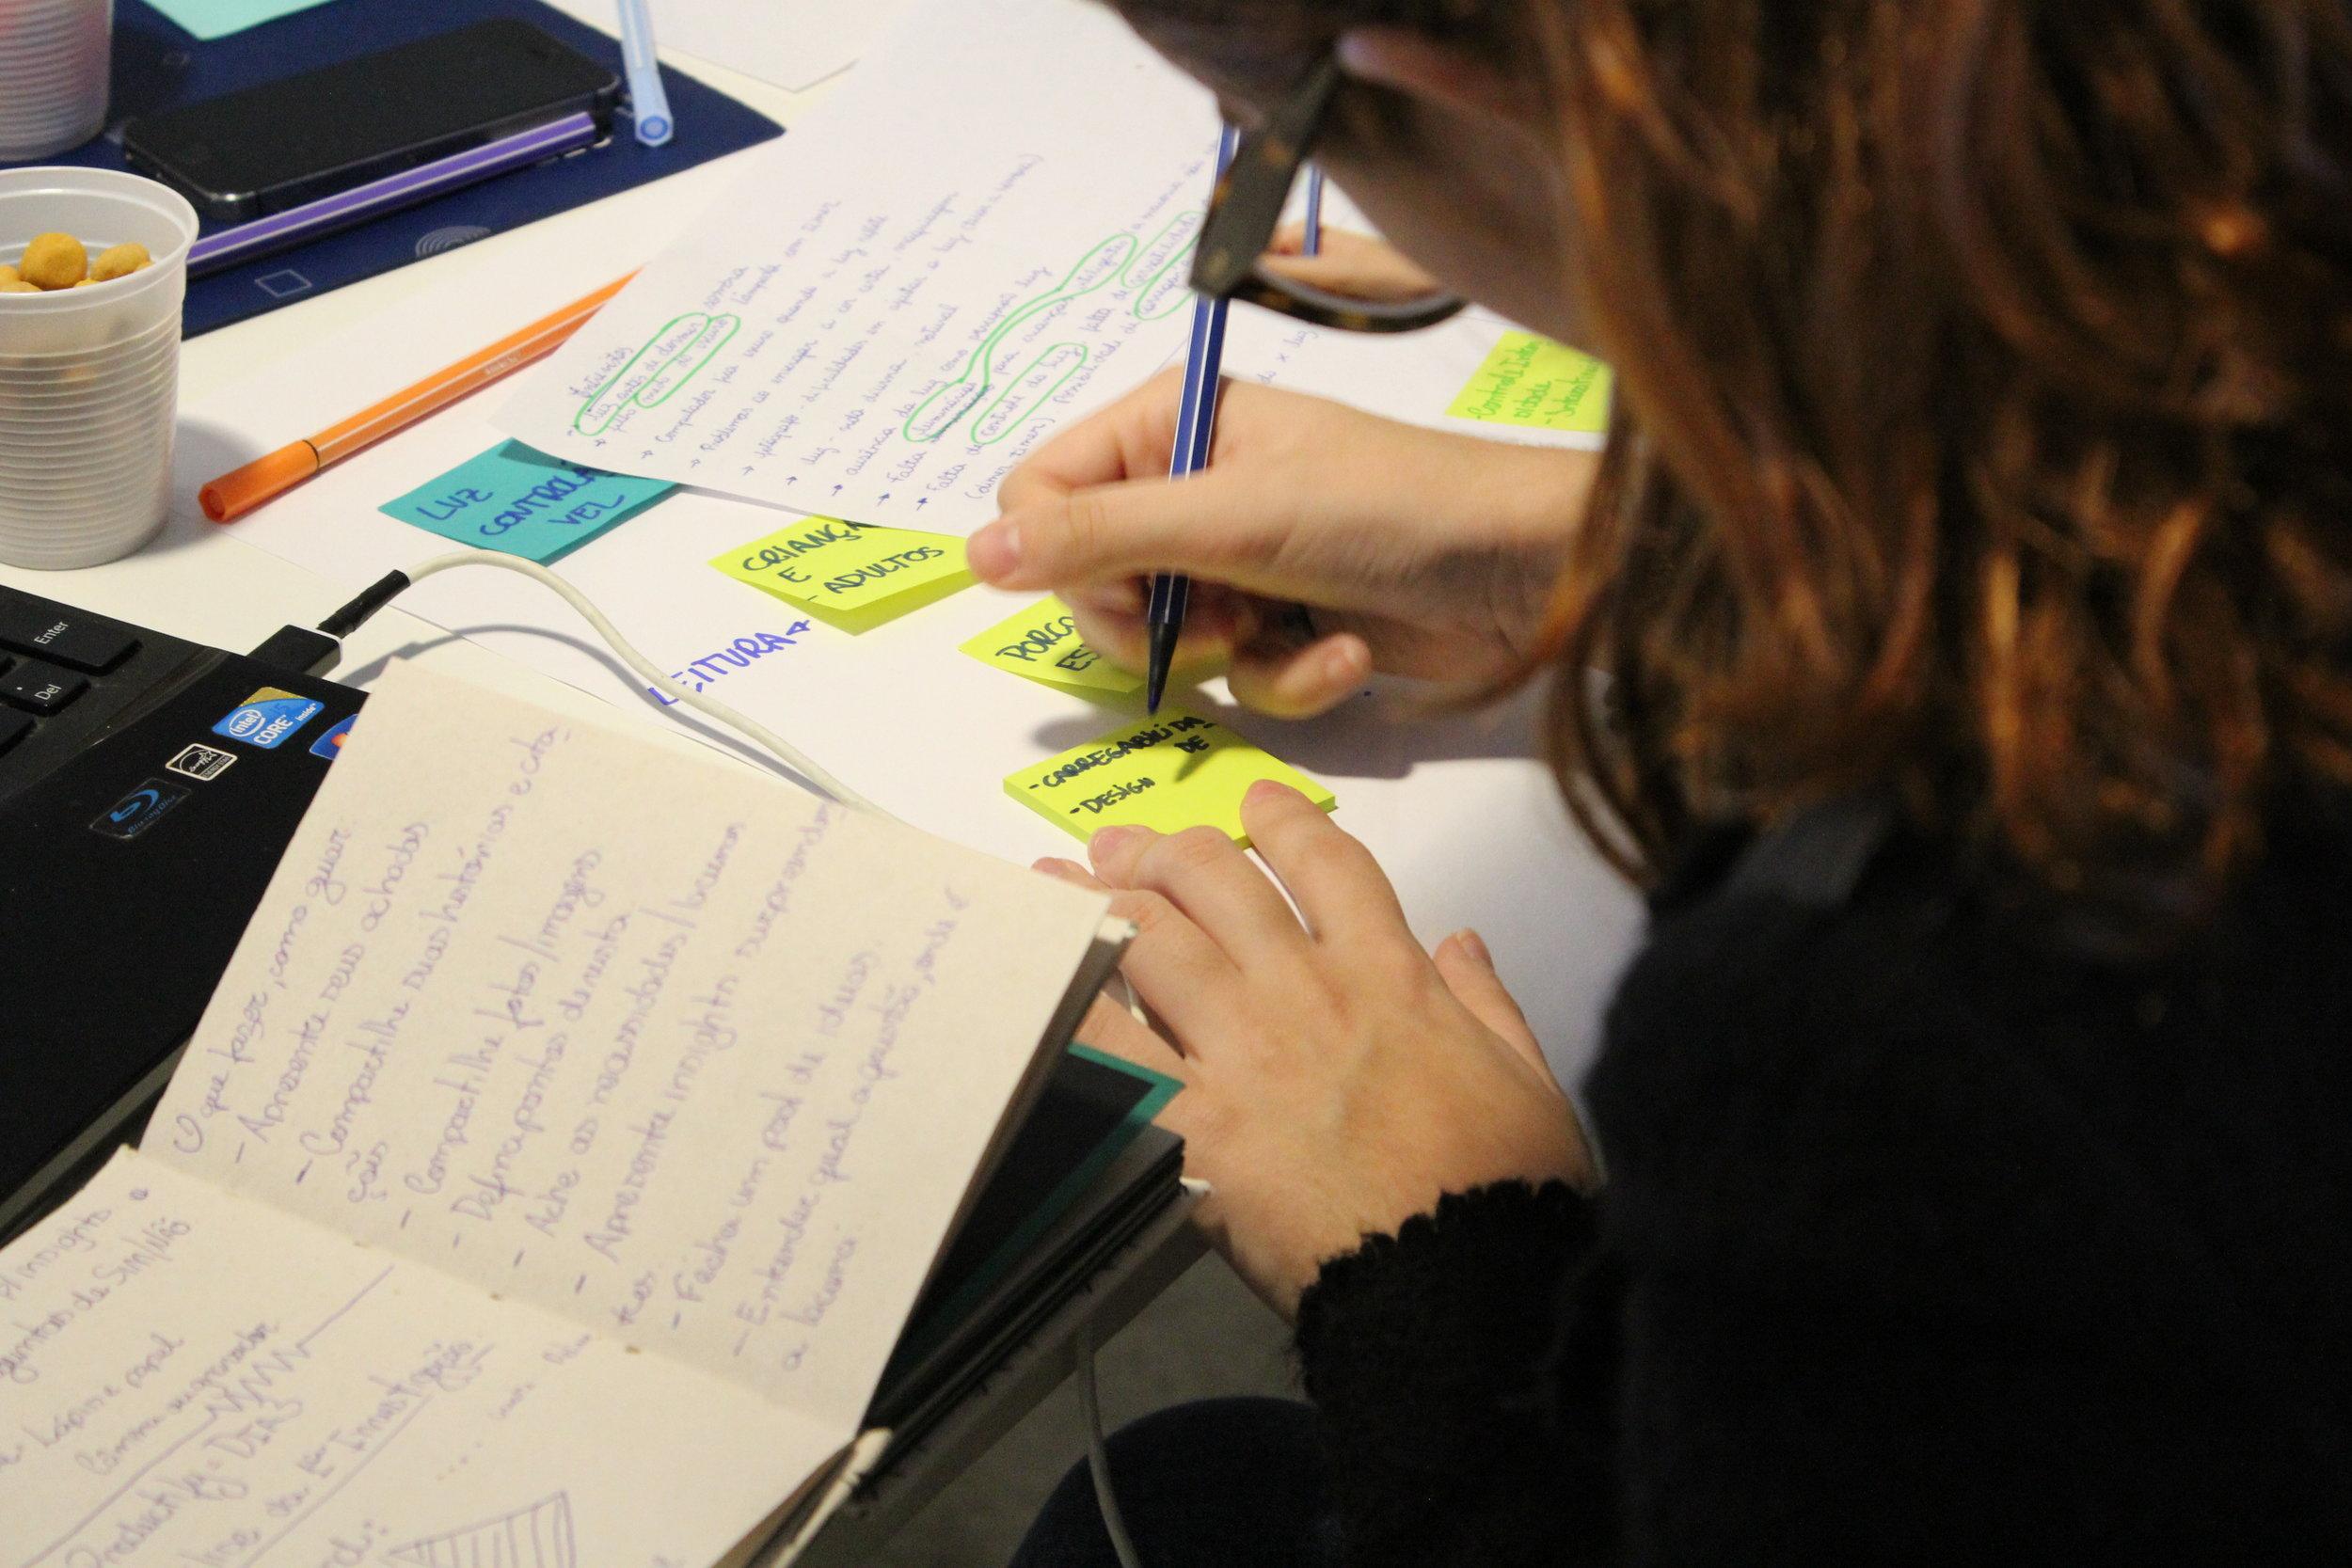 Análise, ideação e prototipação são as fases percorridas para se desenhar um serviço de relevância.